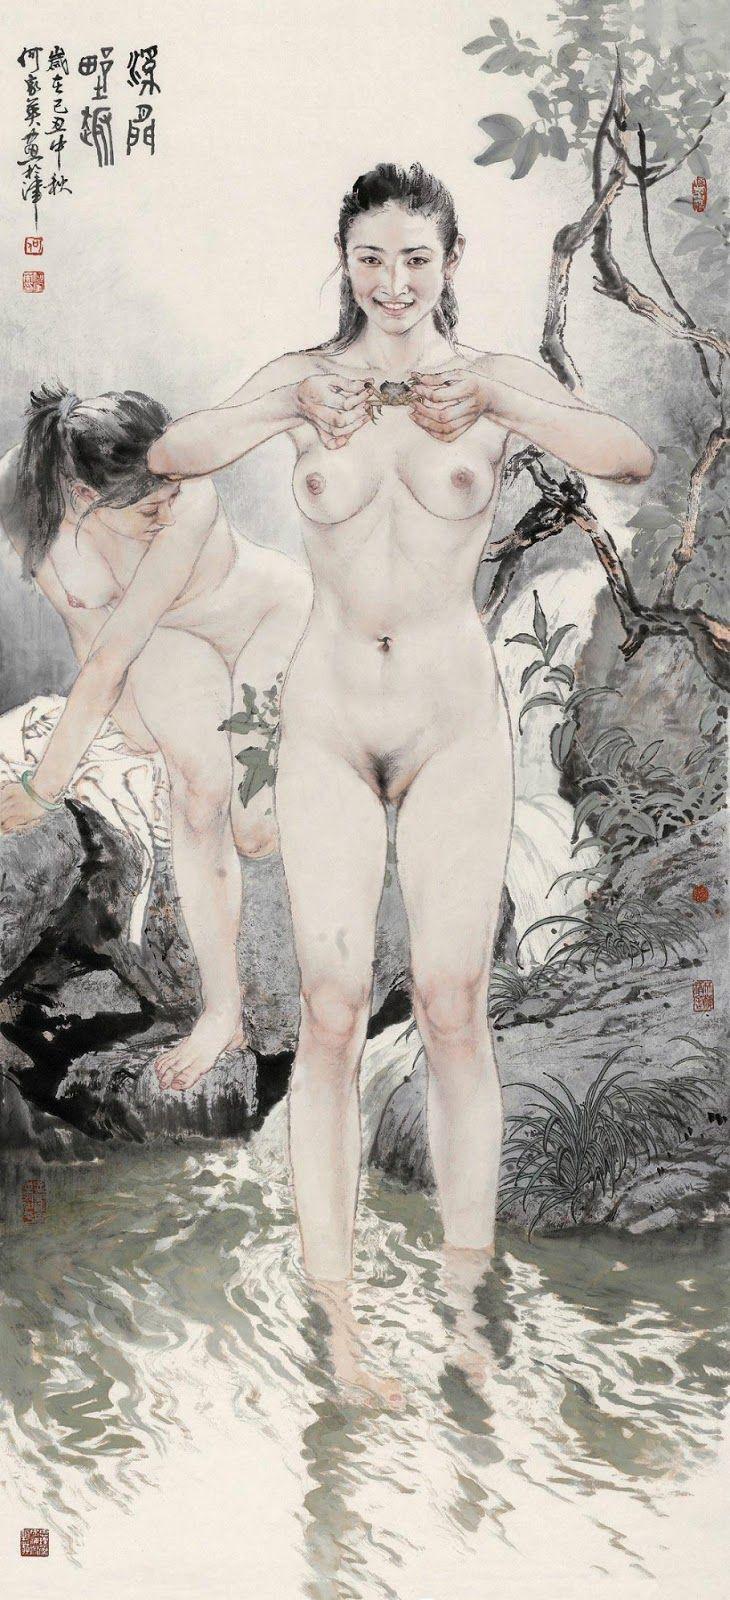 Bloodryane 2 art nude sex nackt pictures